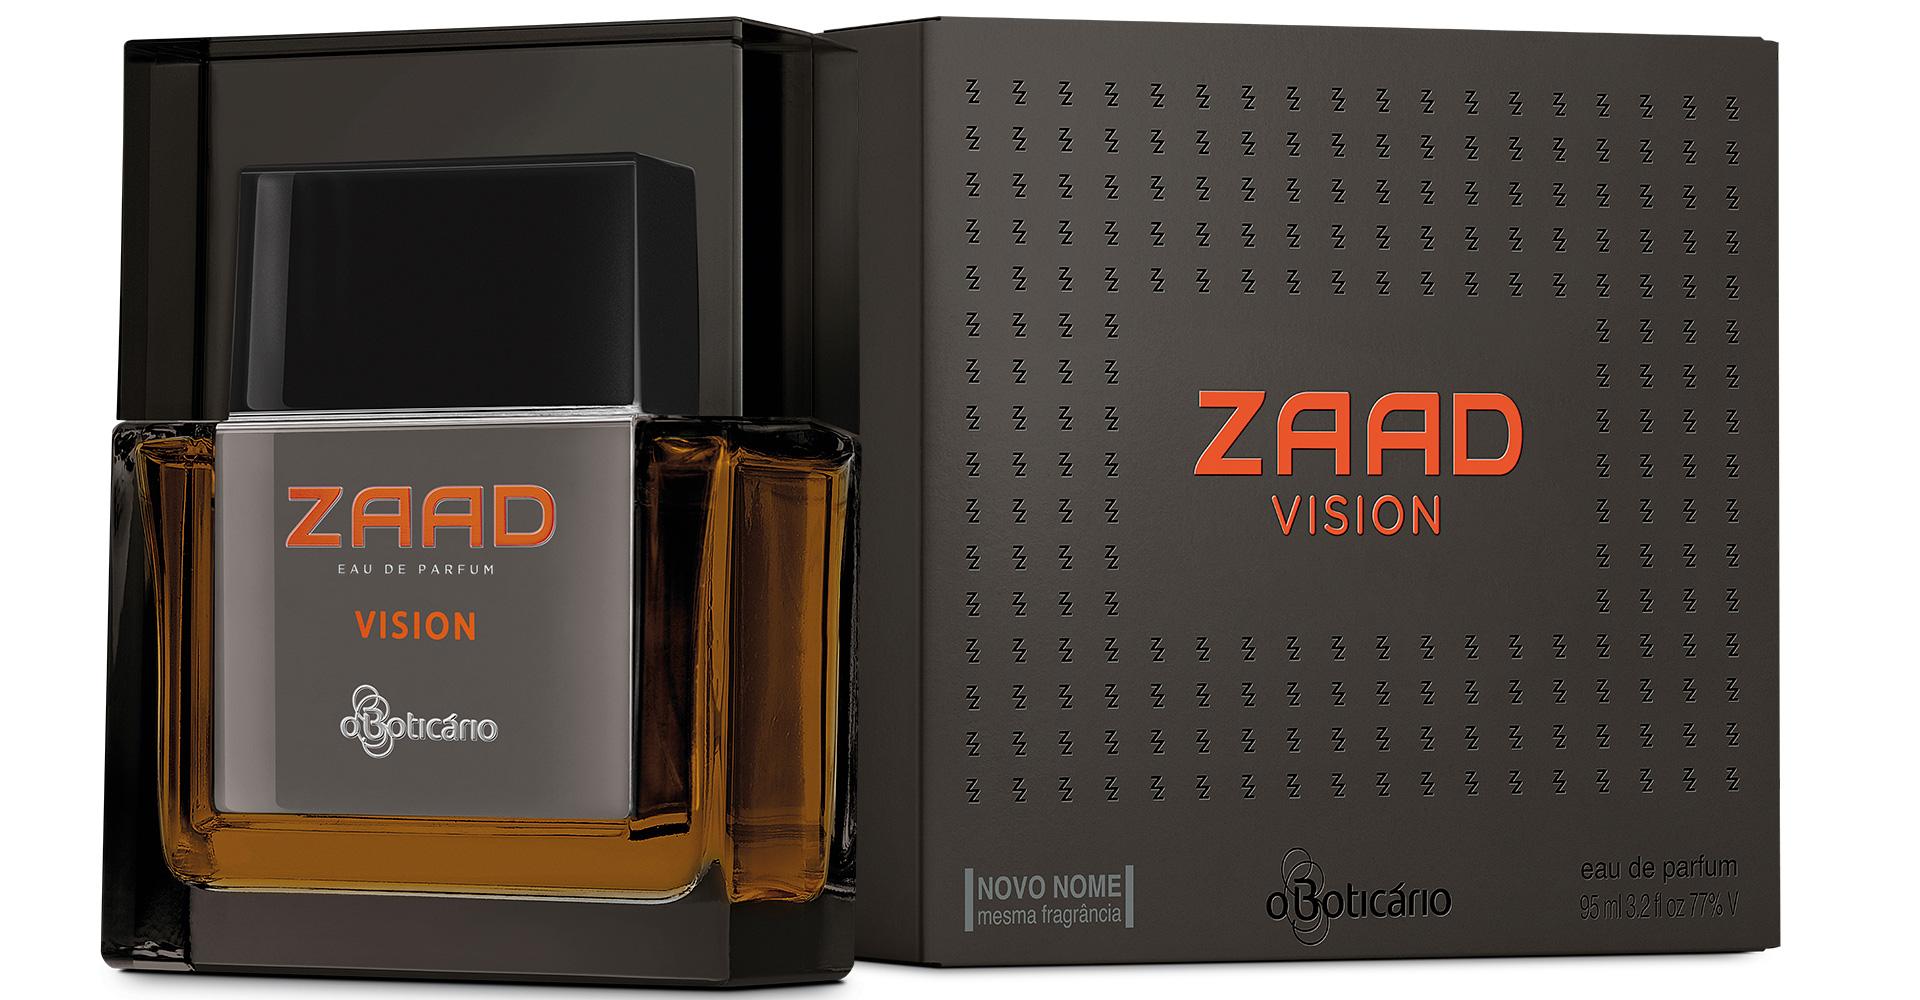 Perfume Zaad - O Botic U00e1rio